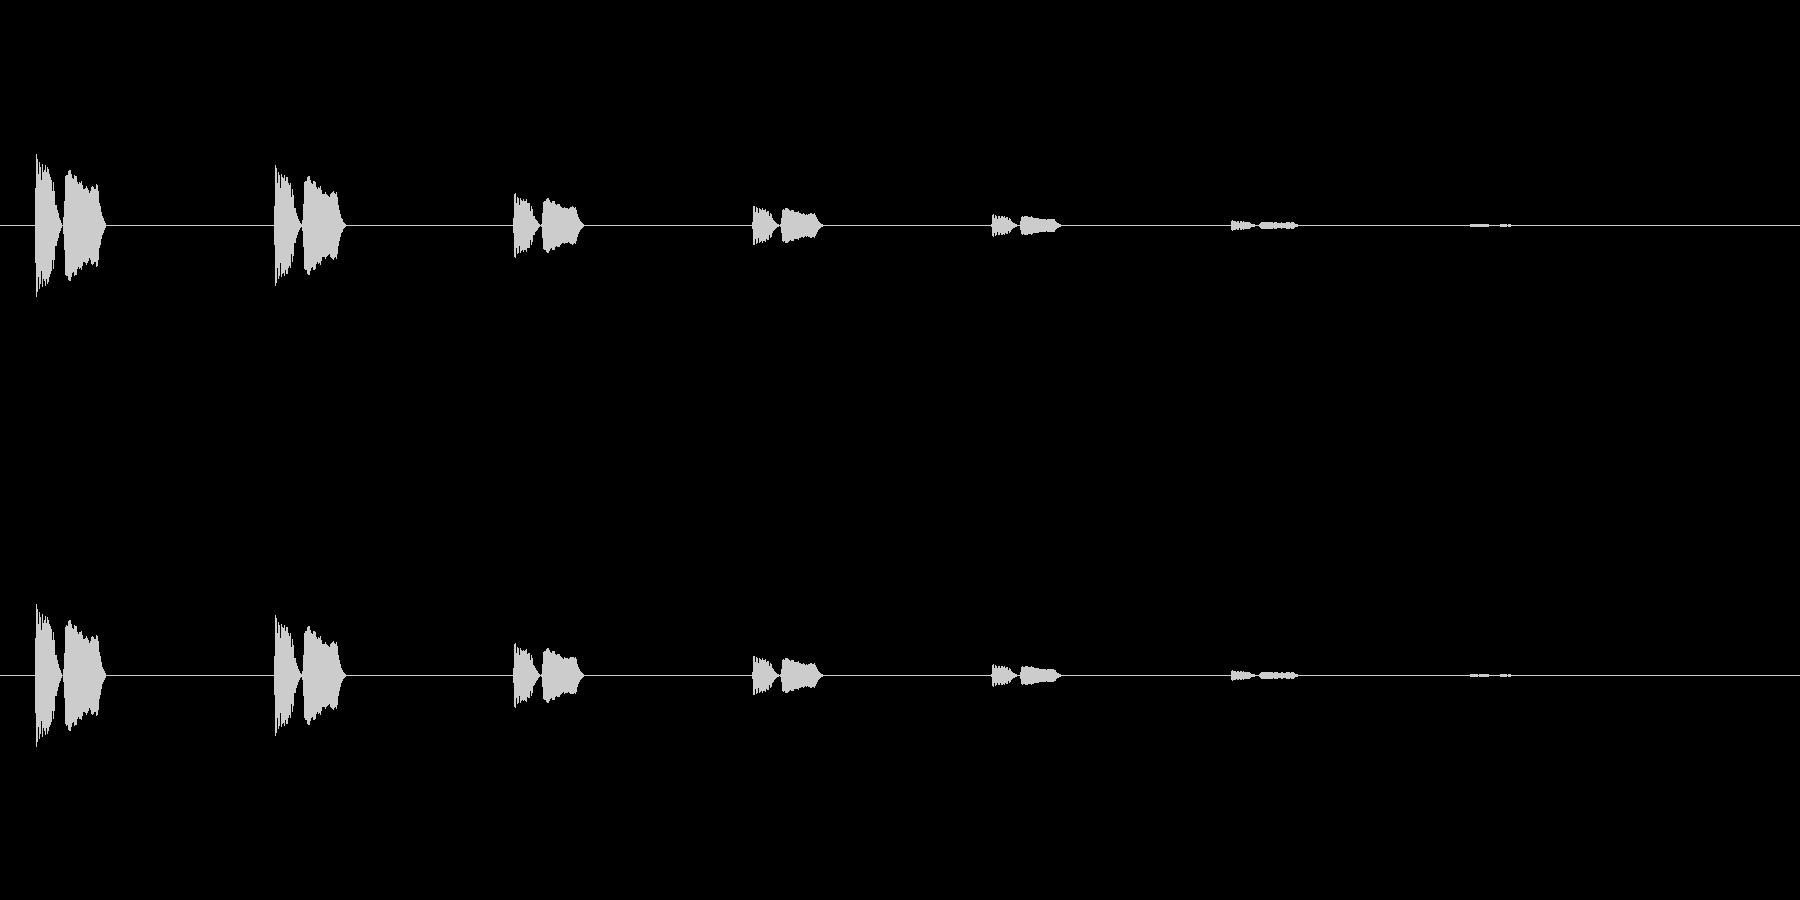 【アクセント22-2】の未再生の波形